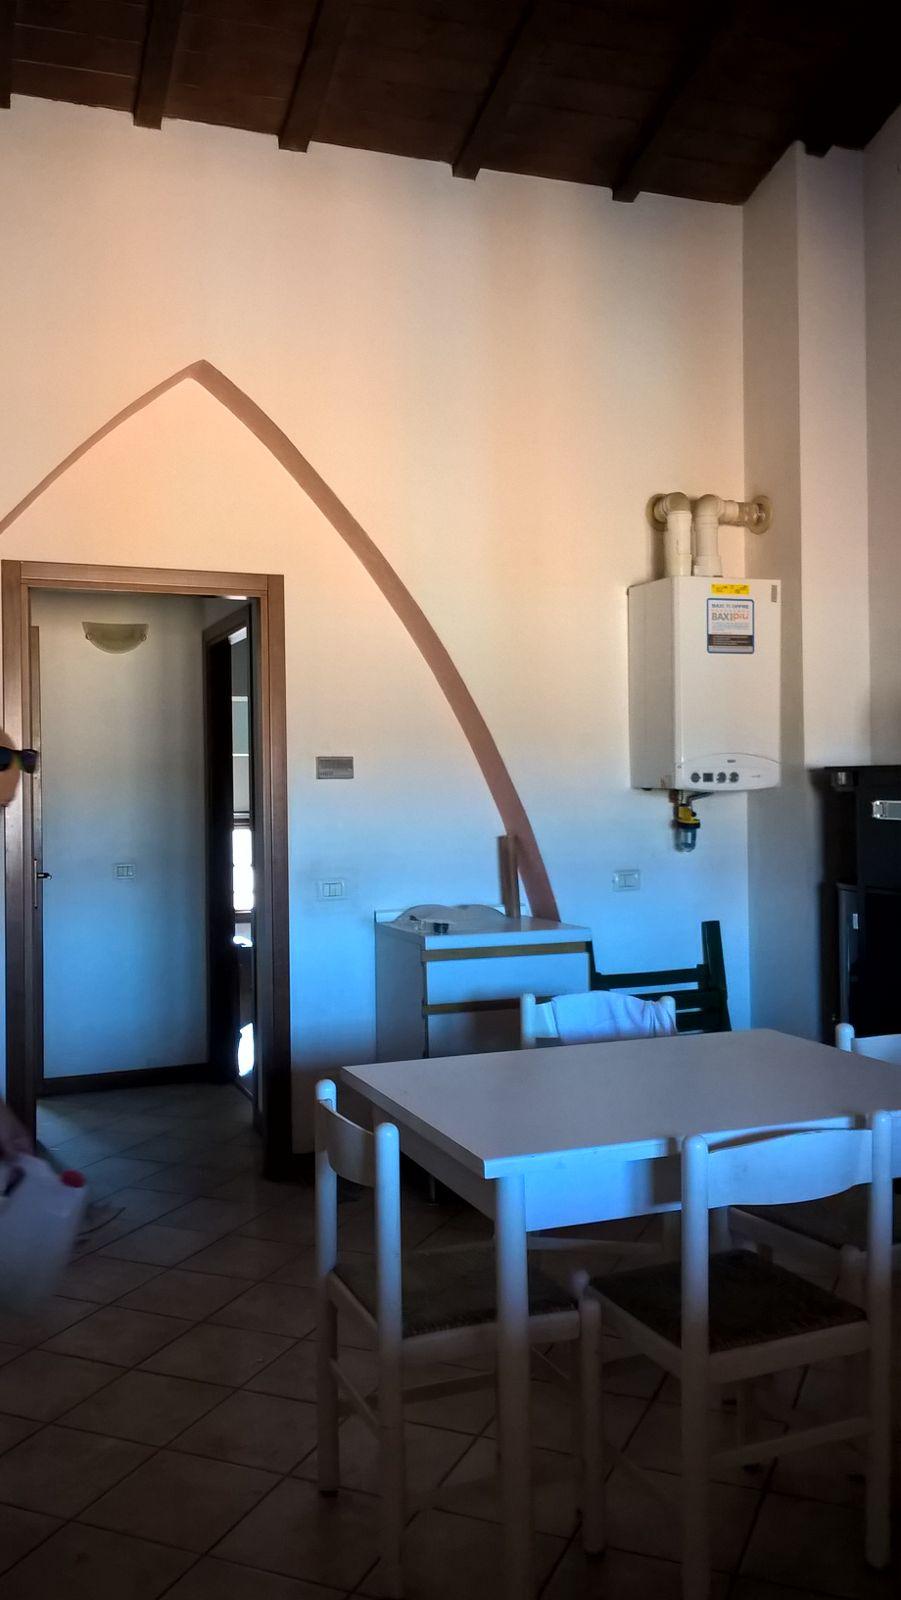 Appartamento in affitto a Castel Bolognese, 4 locali, zona Località: CastelBolognese, prezzo € 450 | Cambio Casa.it